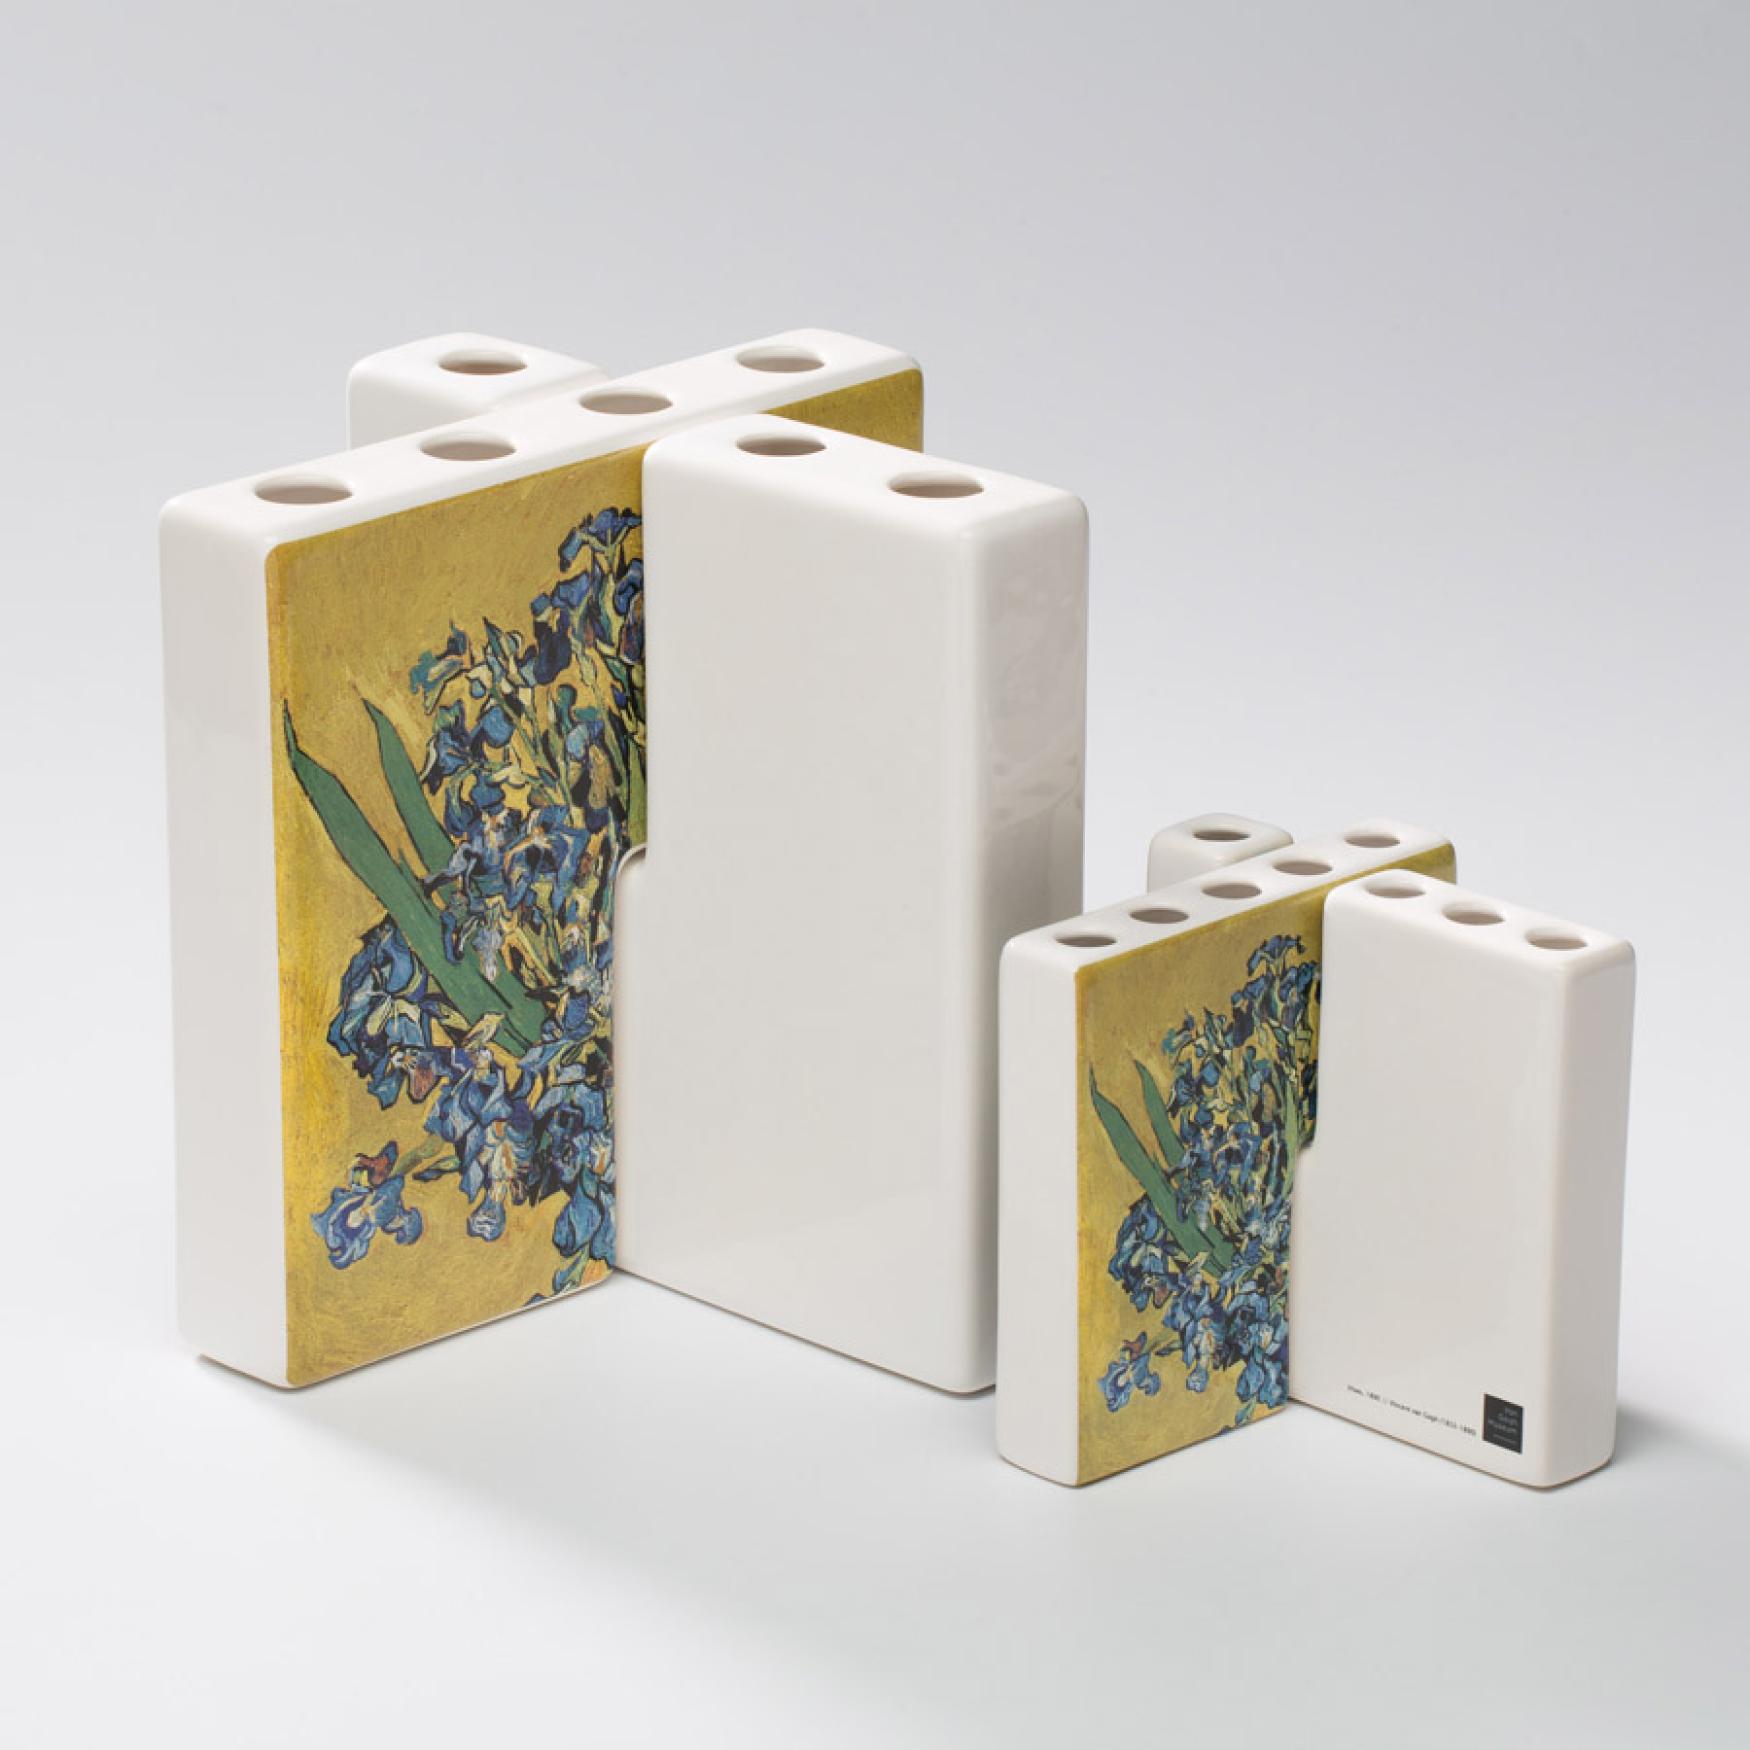 Dianthus-Flowers-Gallery-Vases-1902-.jpg